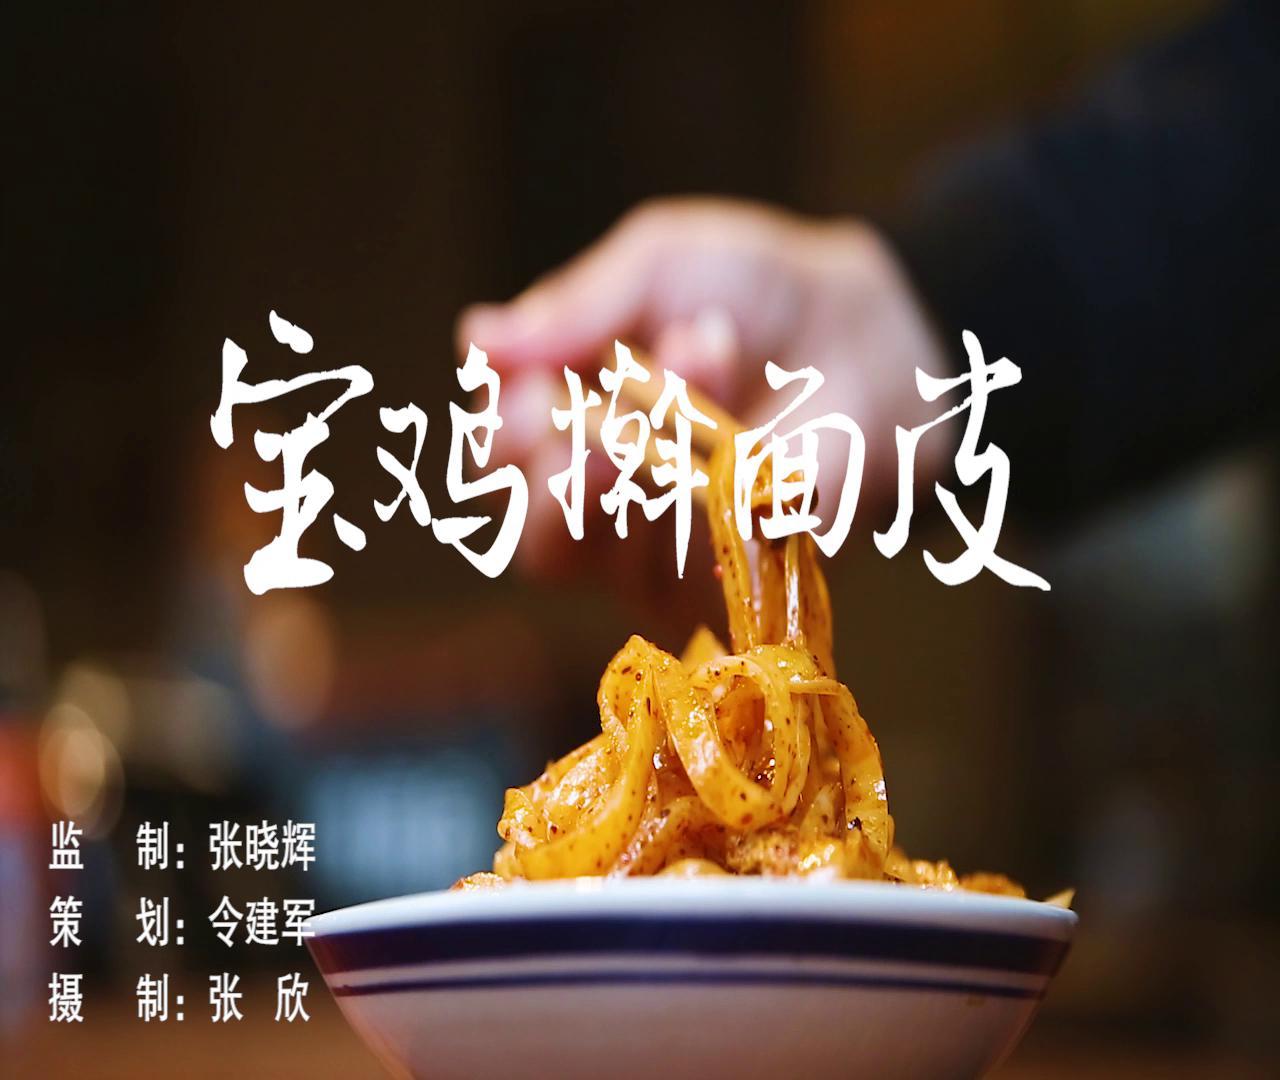 宝鸡市金台区委宣传部:宝鸡擀面皮